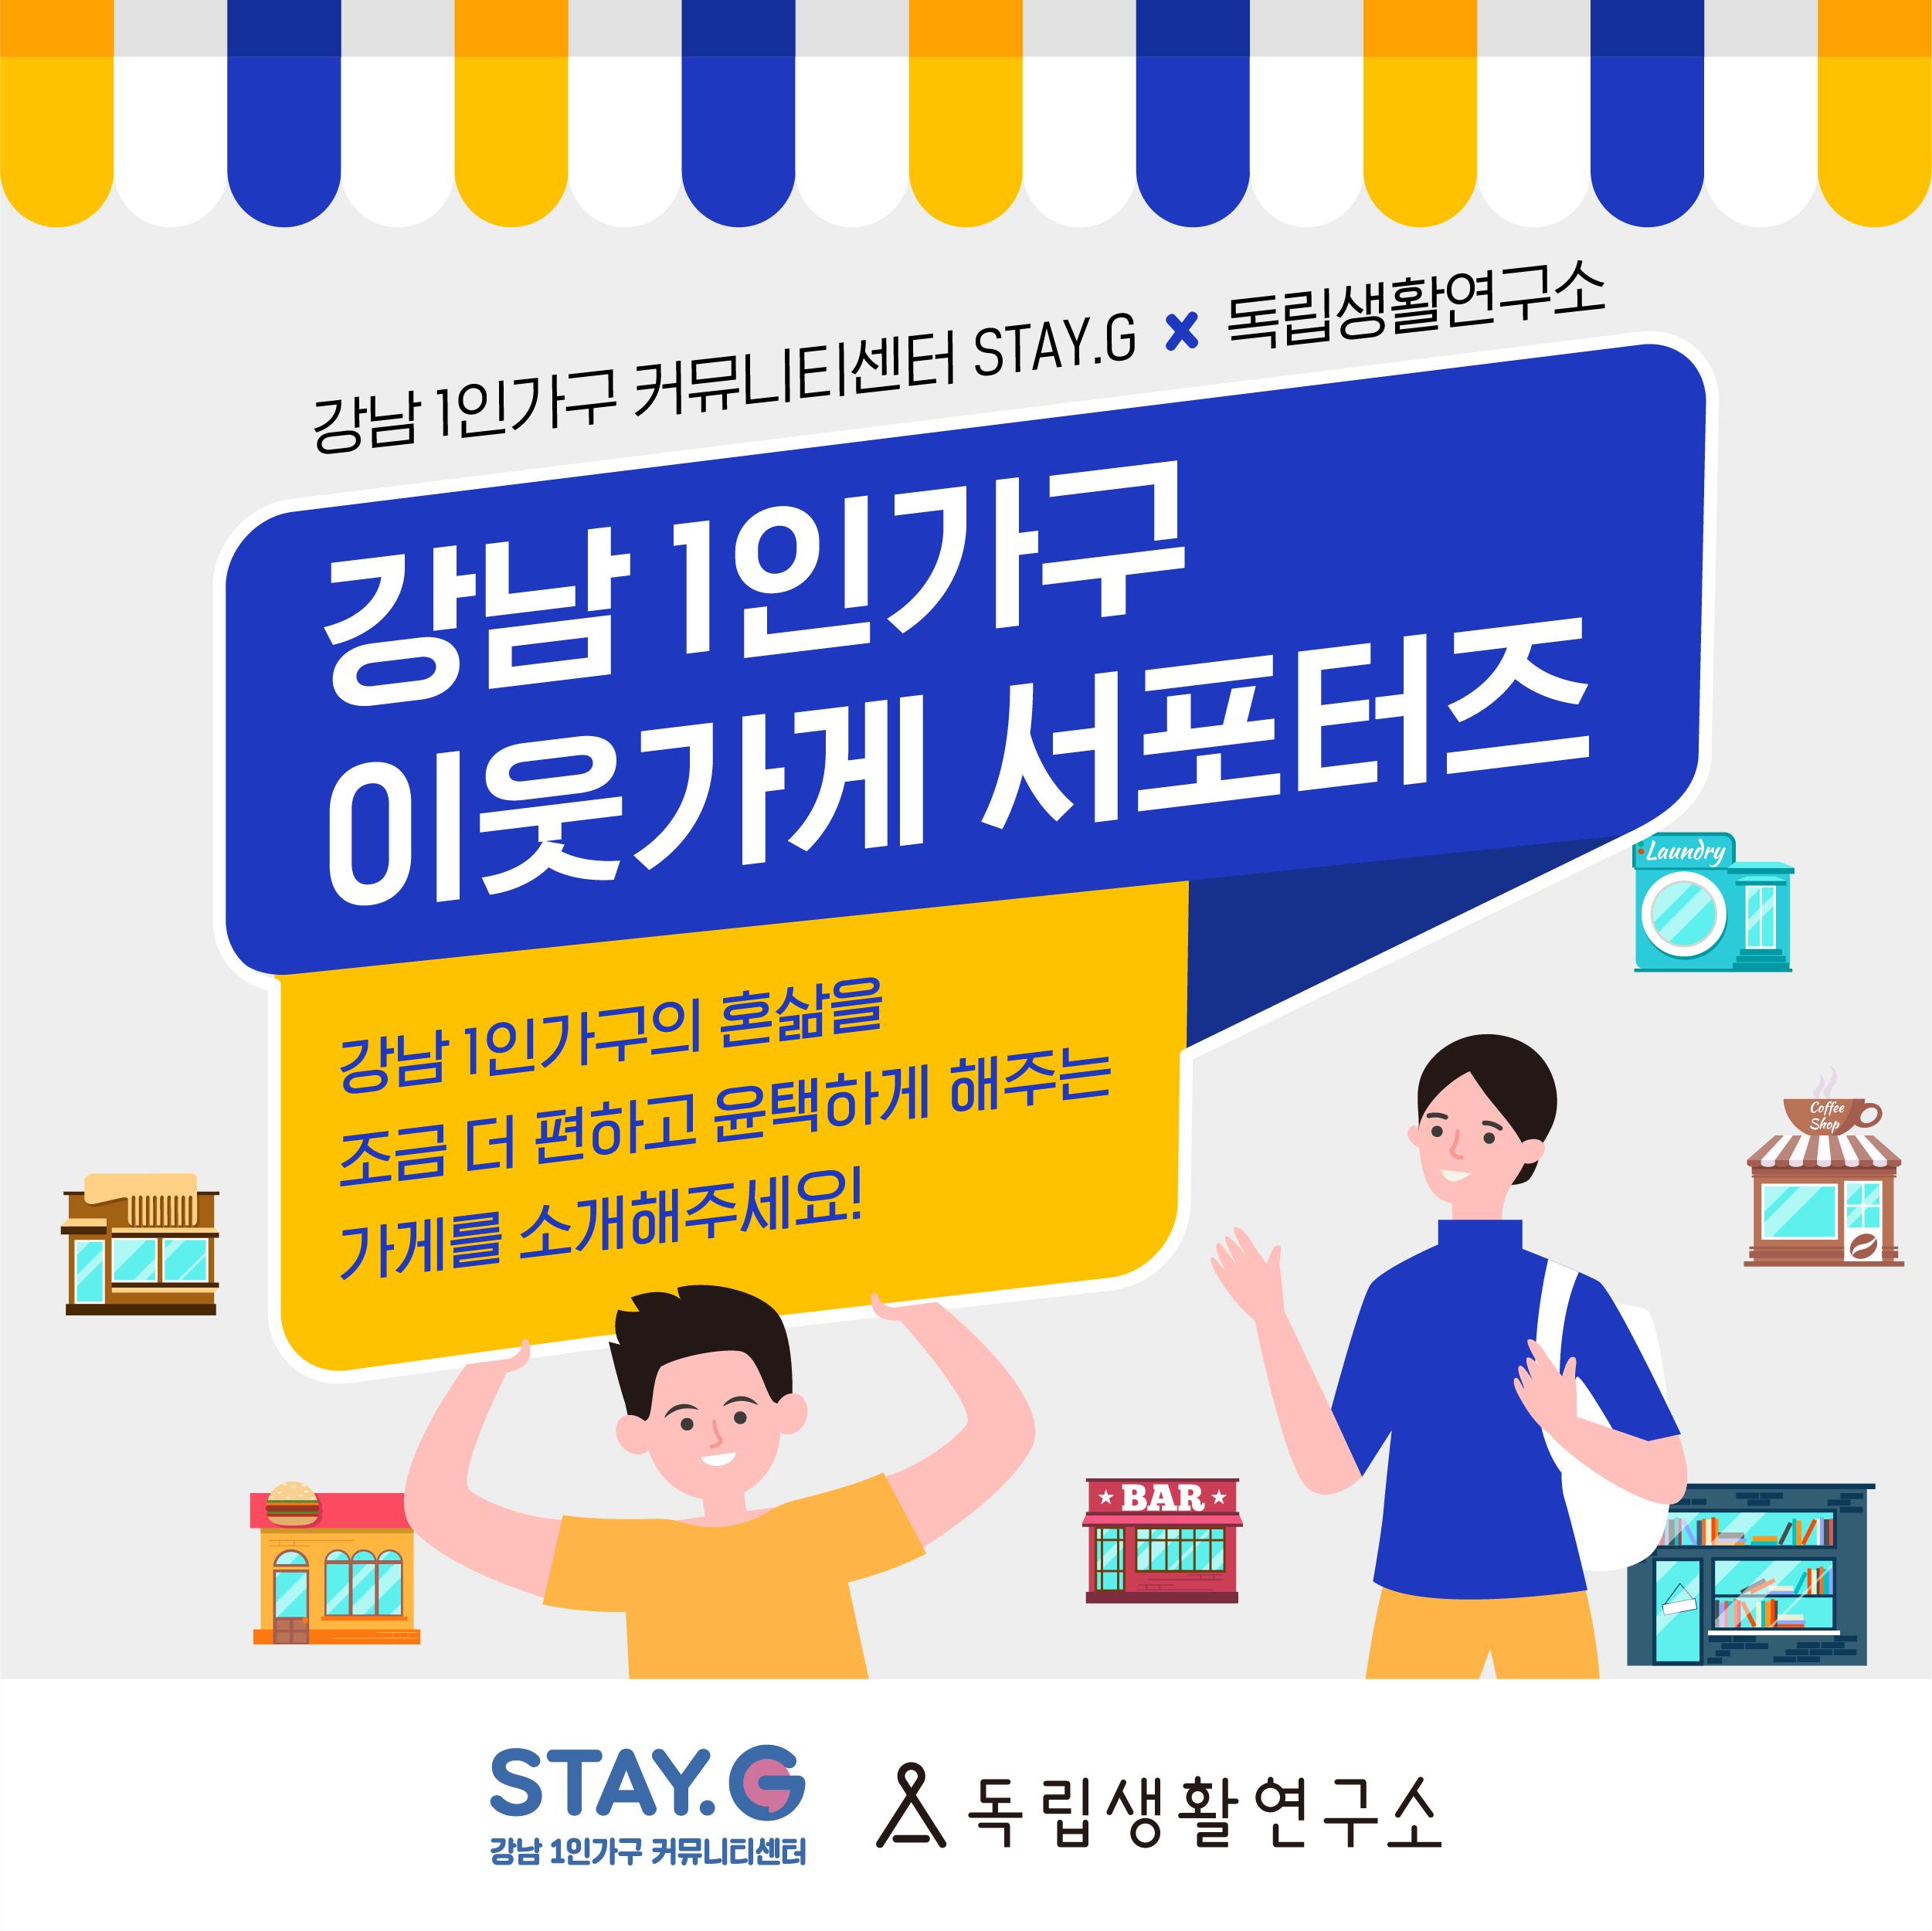 강남 1인가구 이웃가게 서포터즈 모집